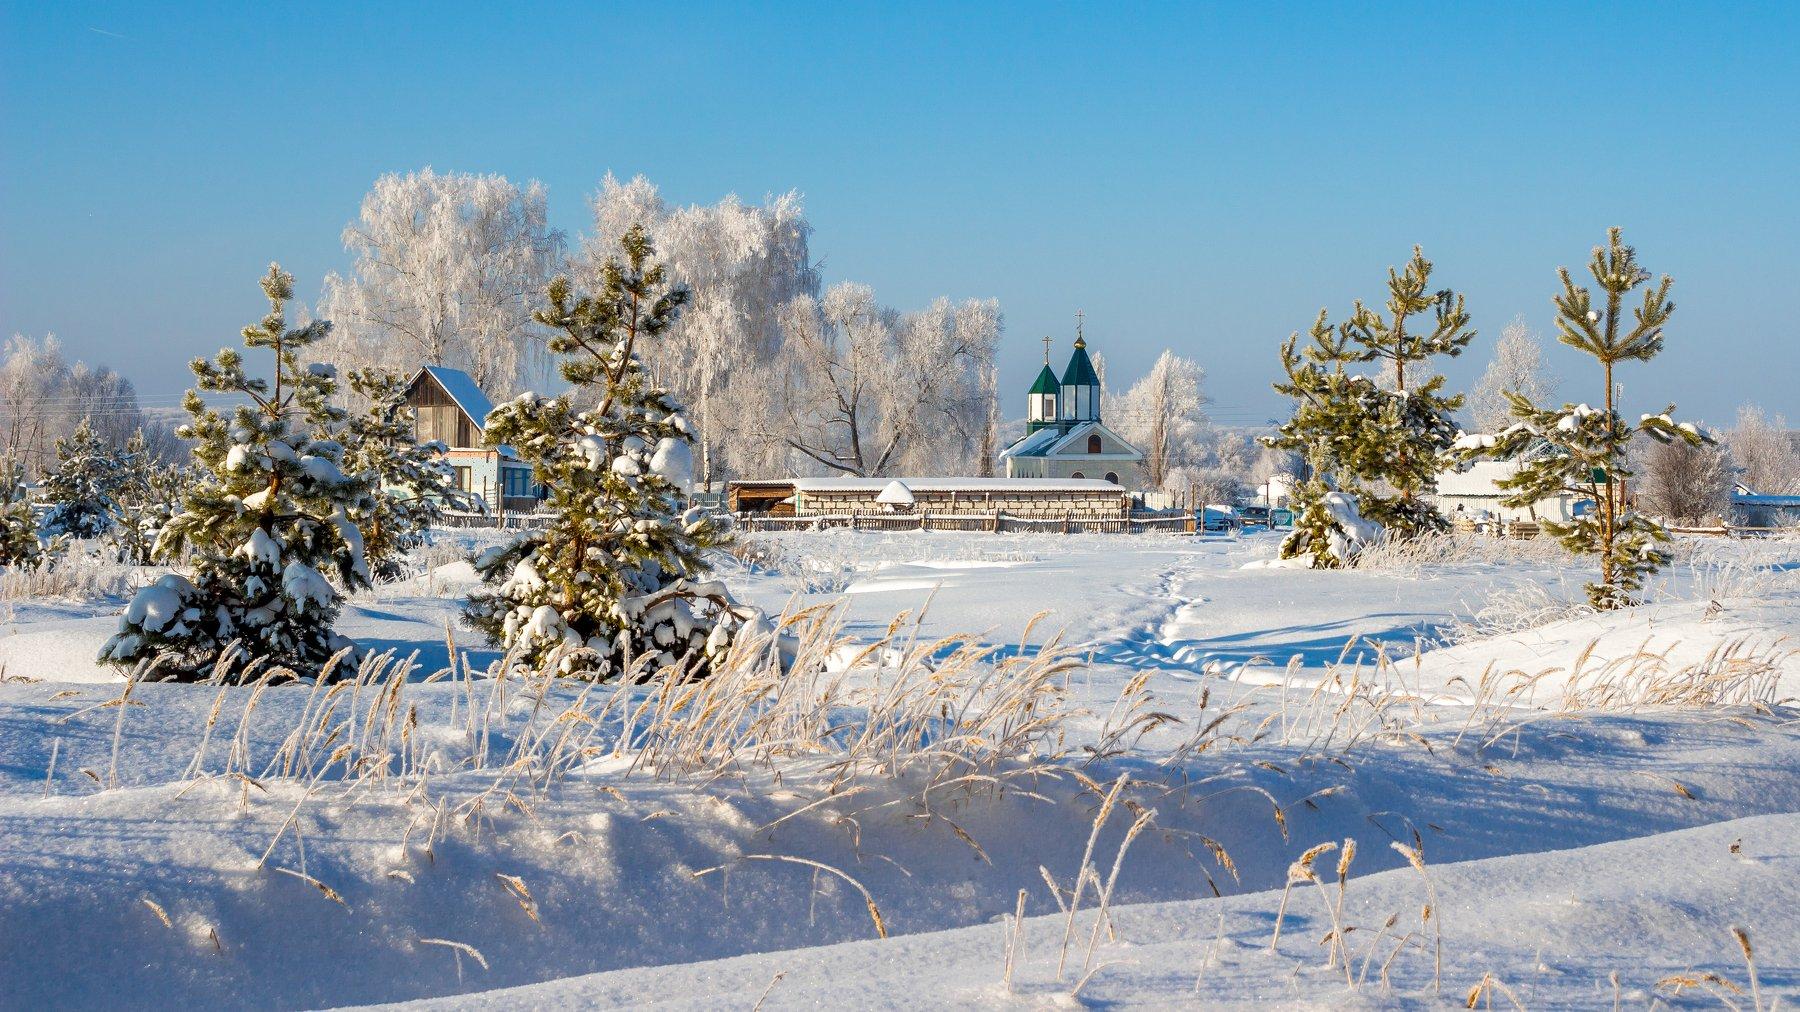 церковь, храм, сосны, мороз, иней, зима, деревня, Руслан Востриков